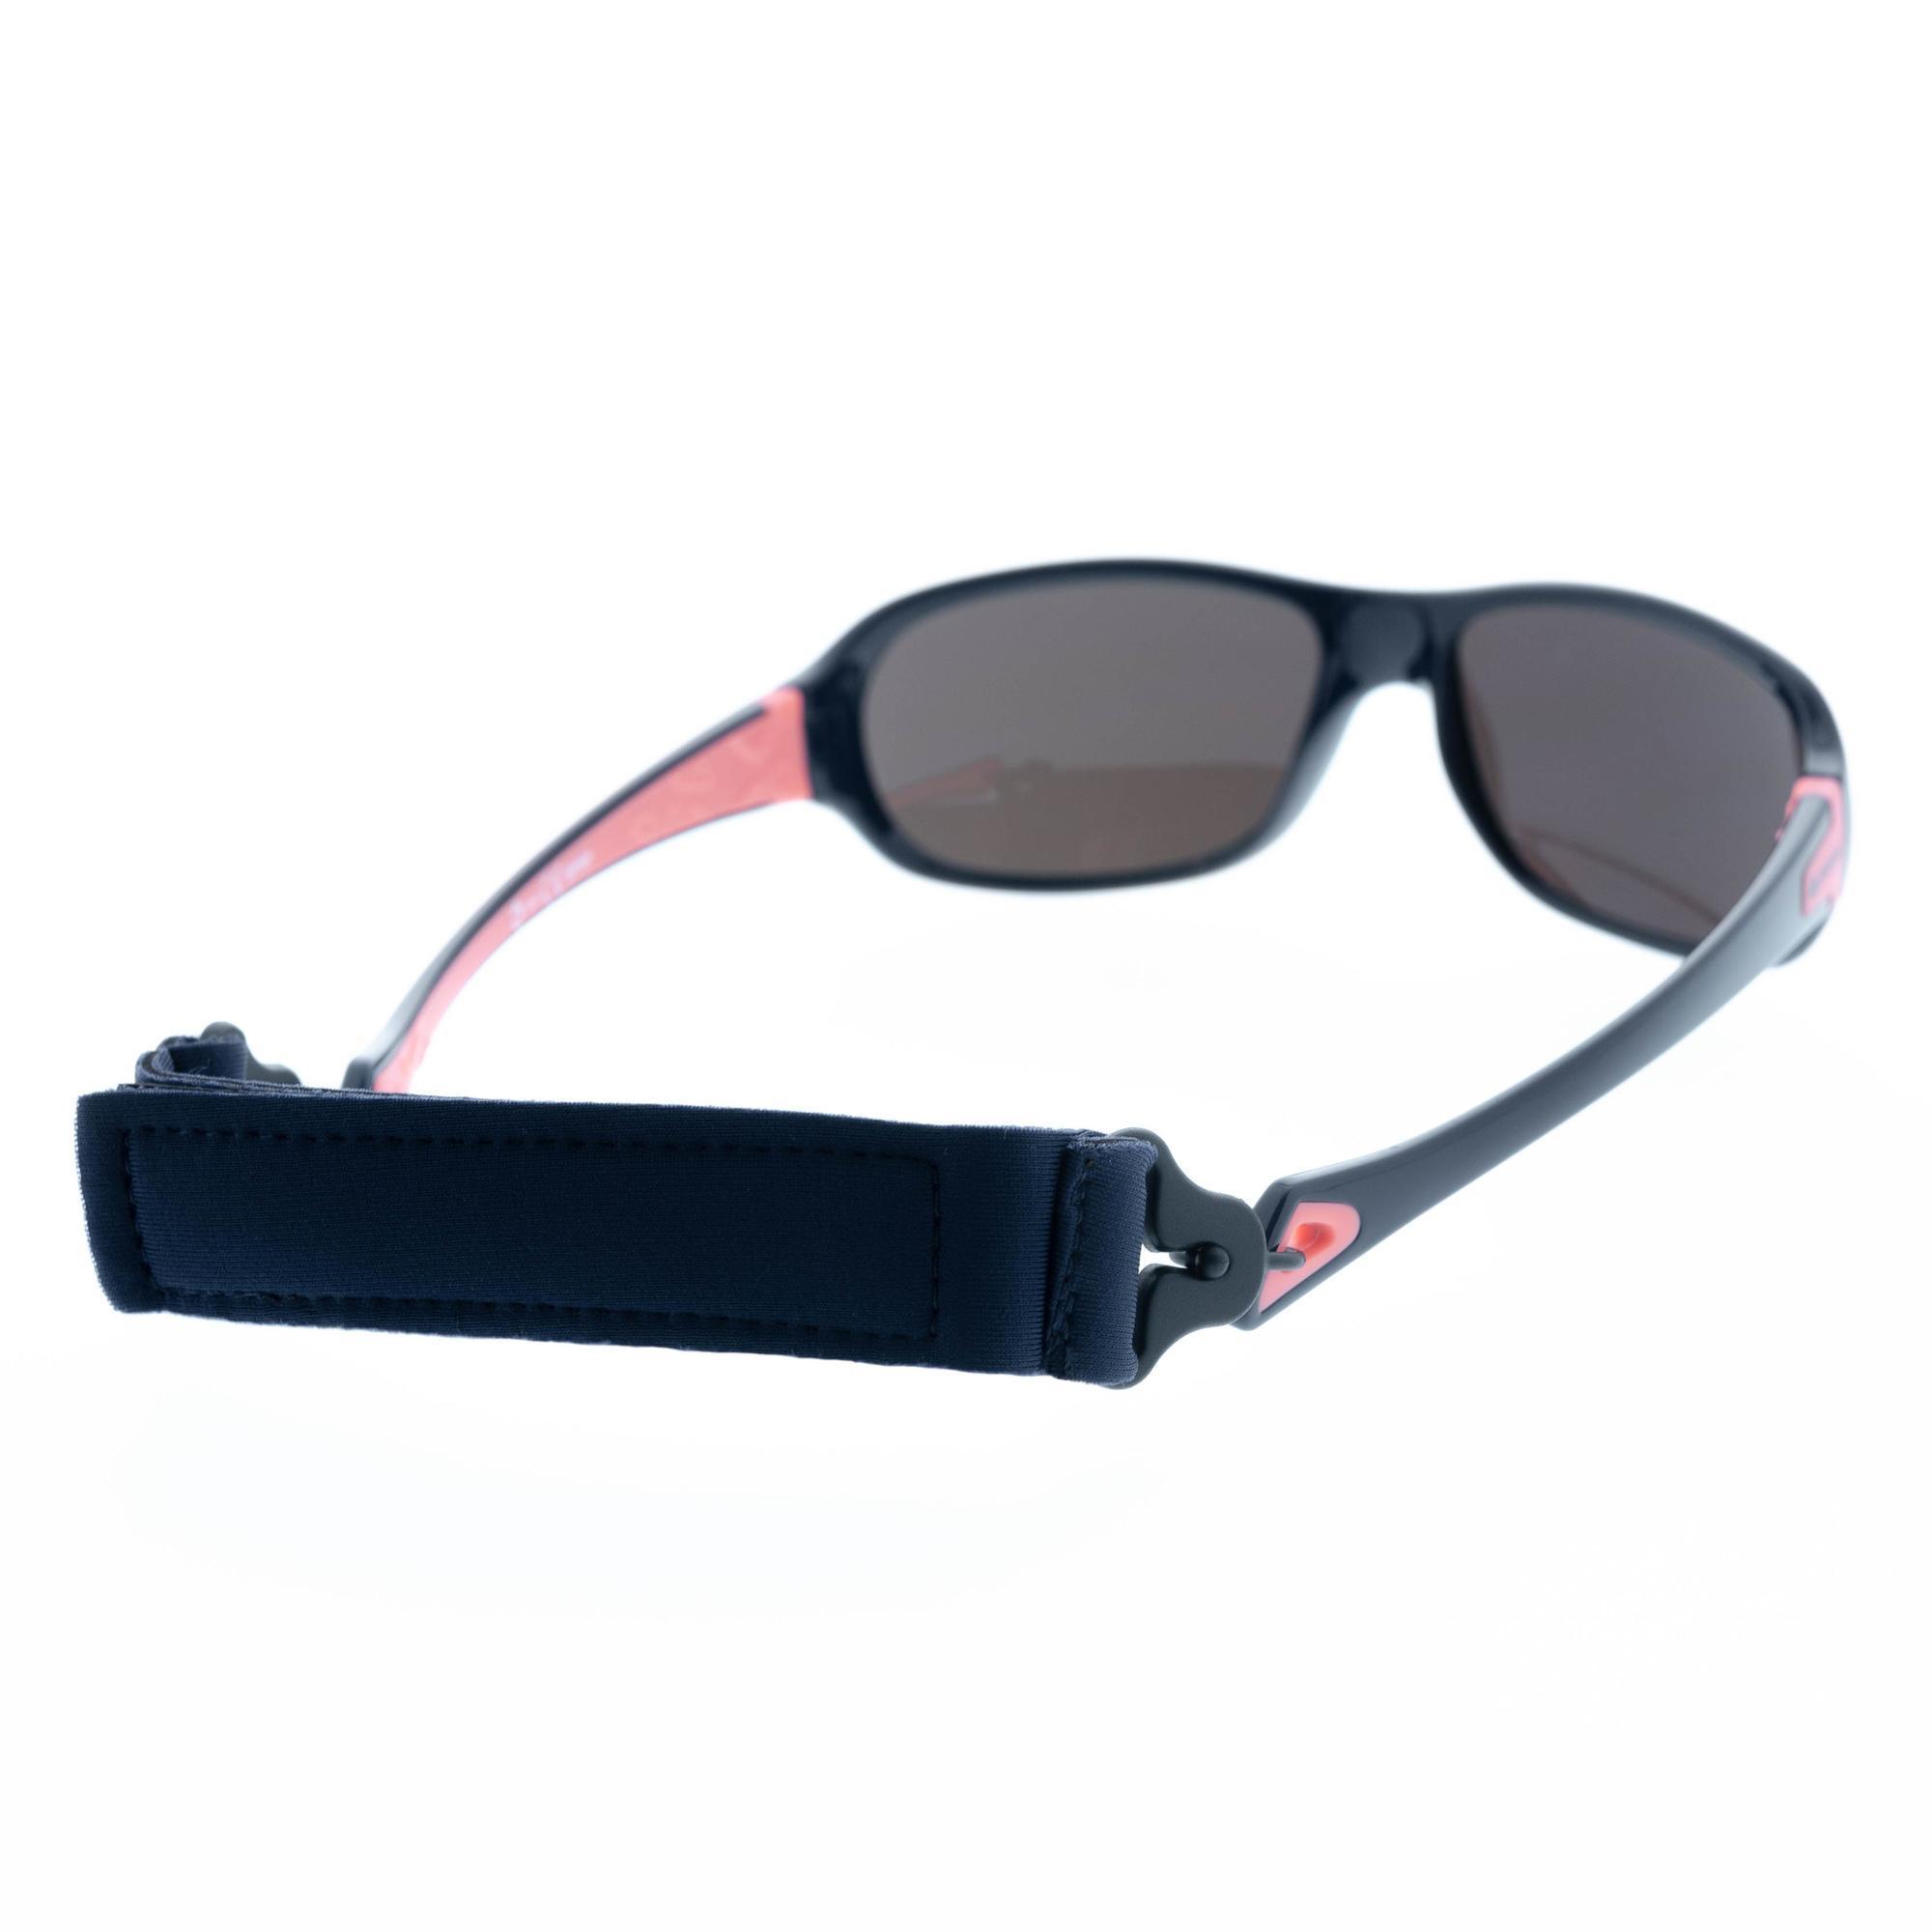 Junior hike- en skizonnebrillen kopen met voordeel